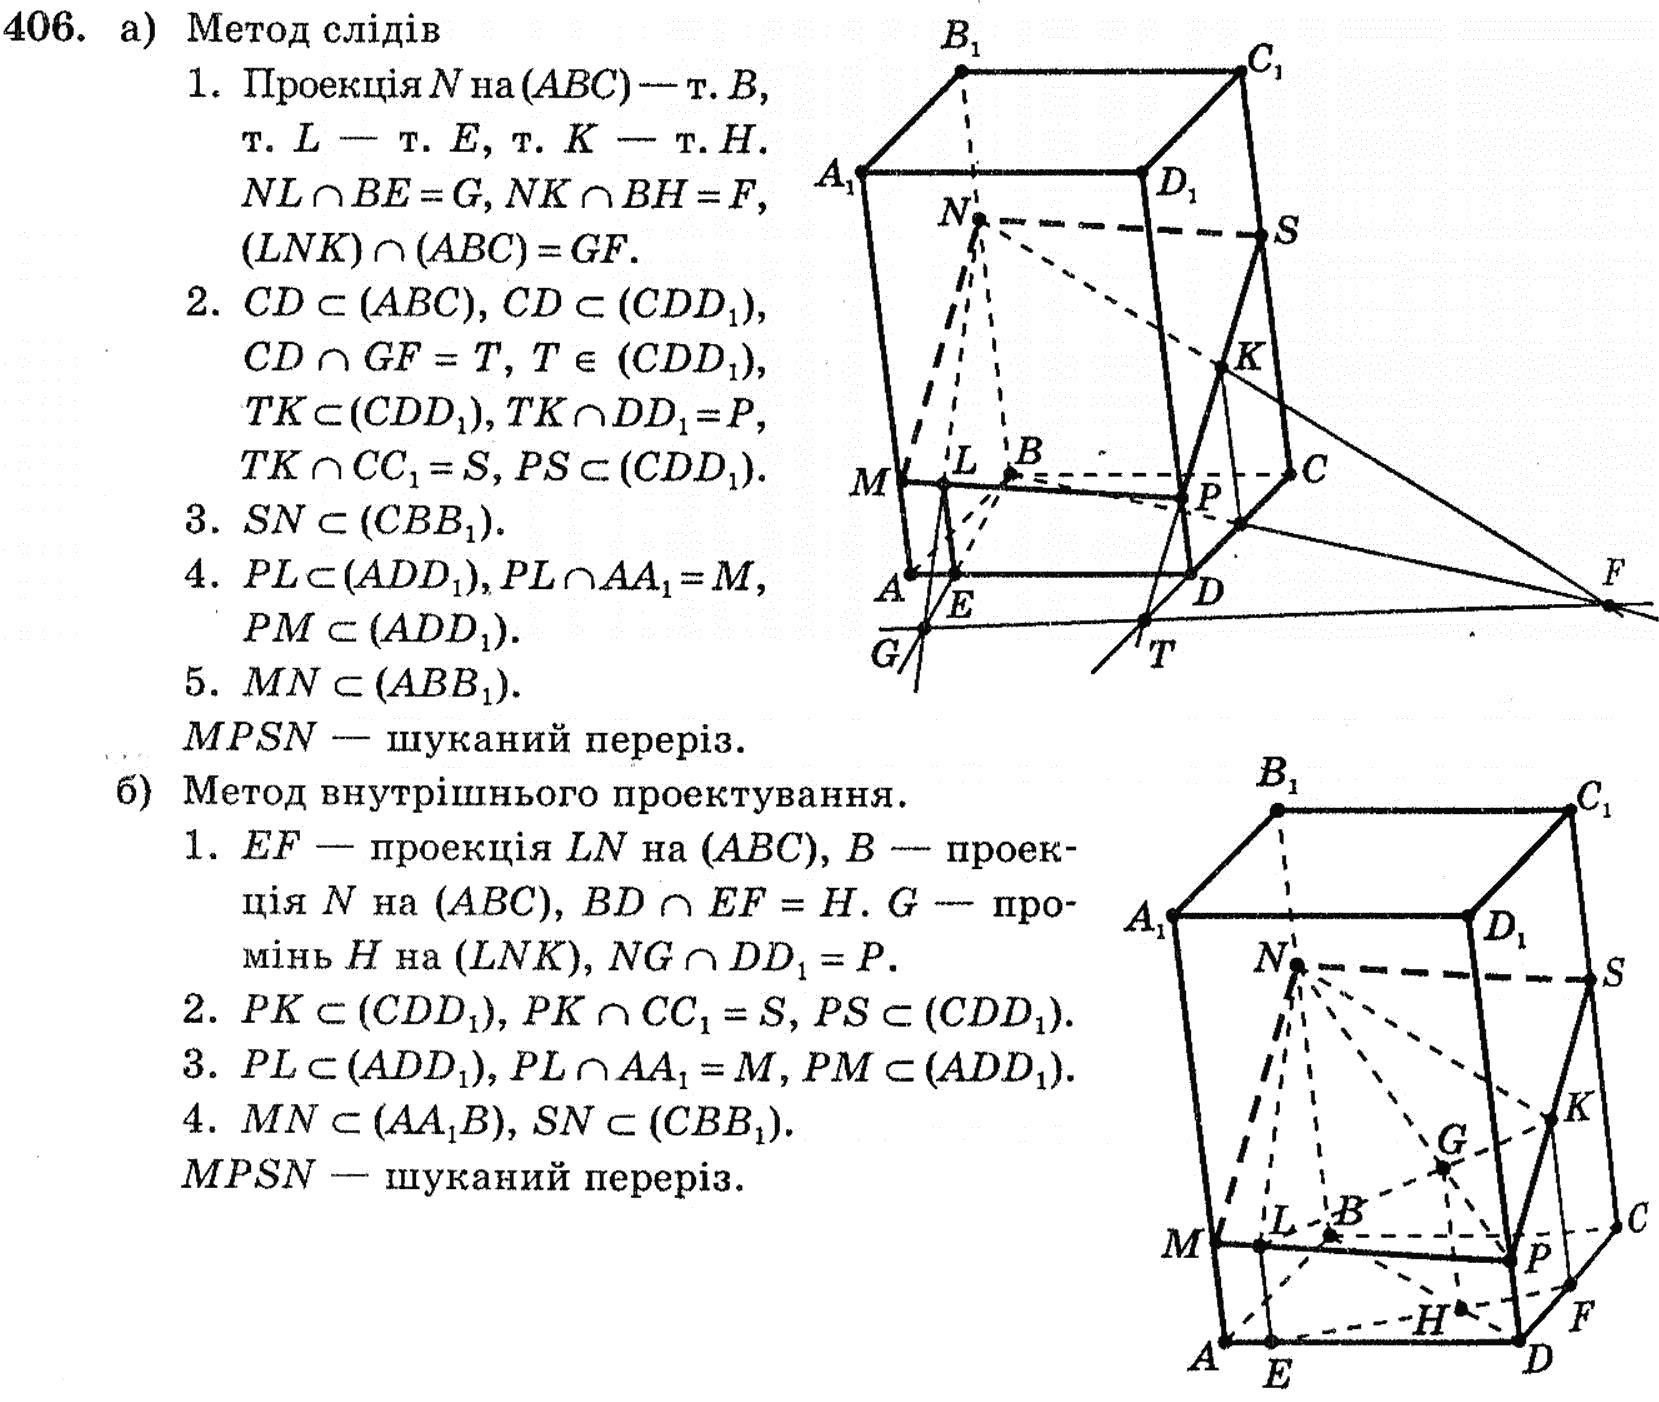 геометрических мест решебник геометрии по метод